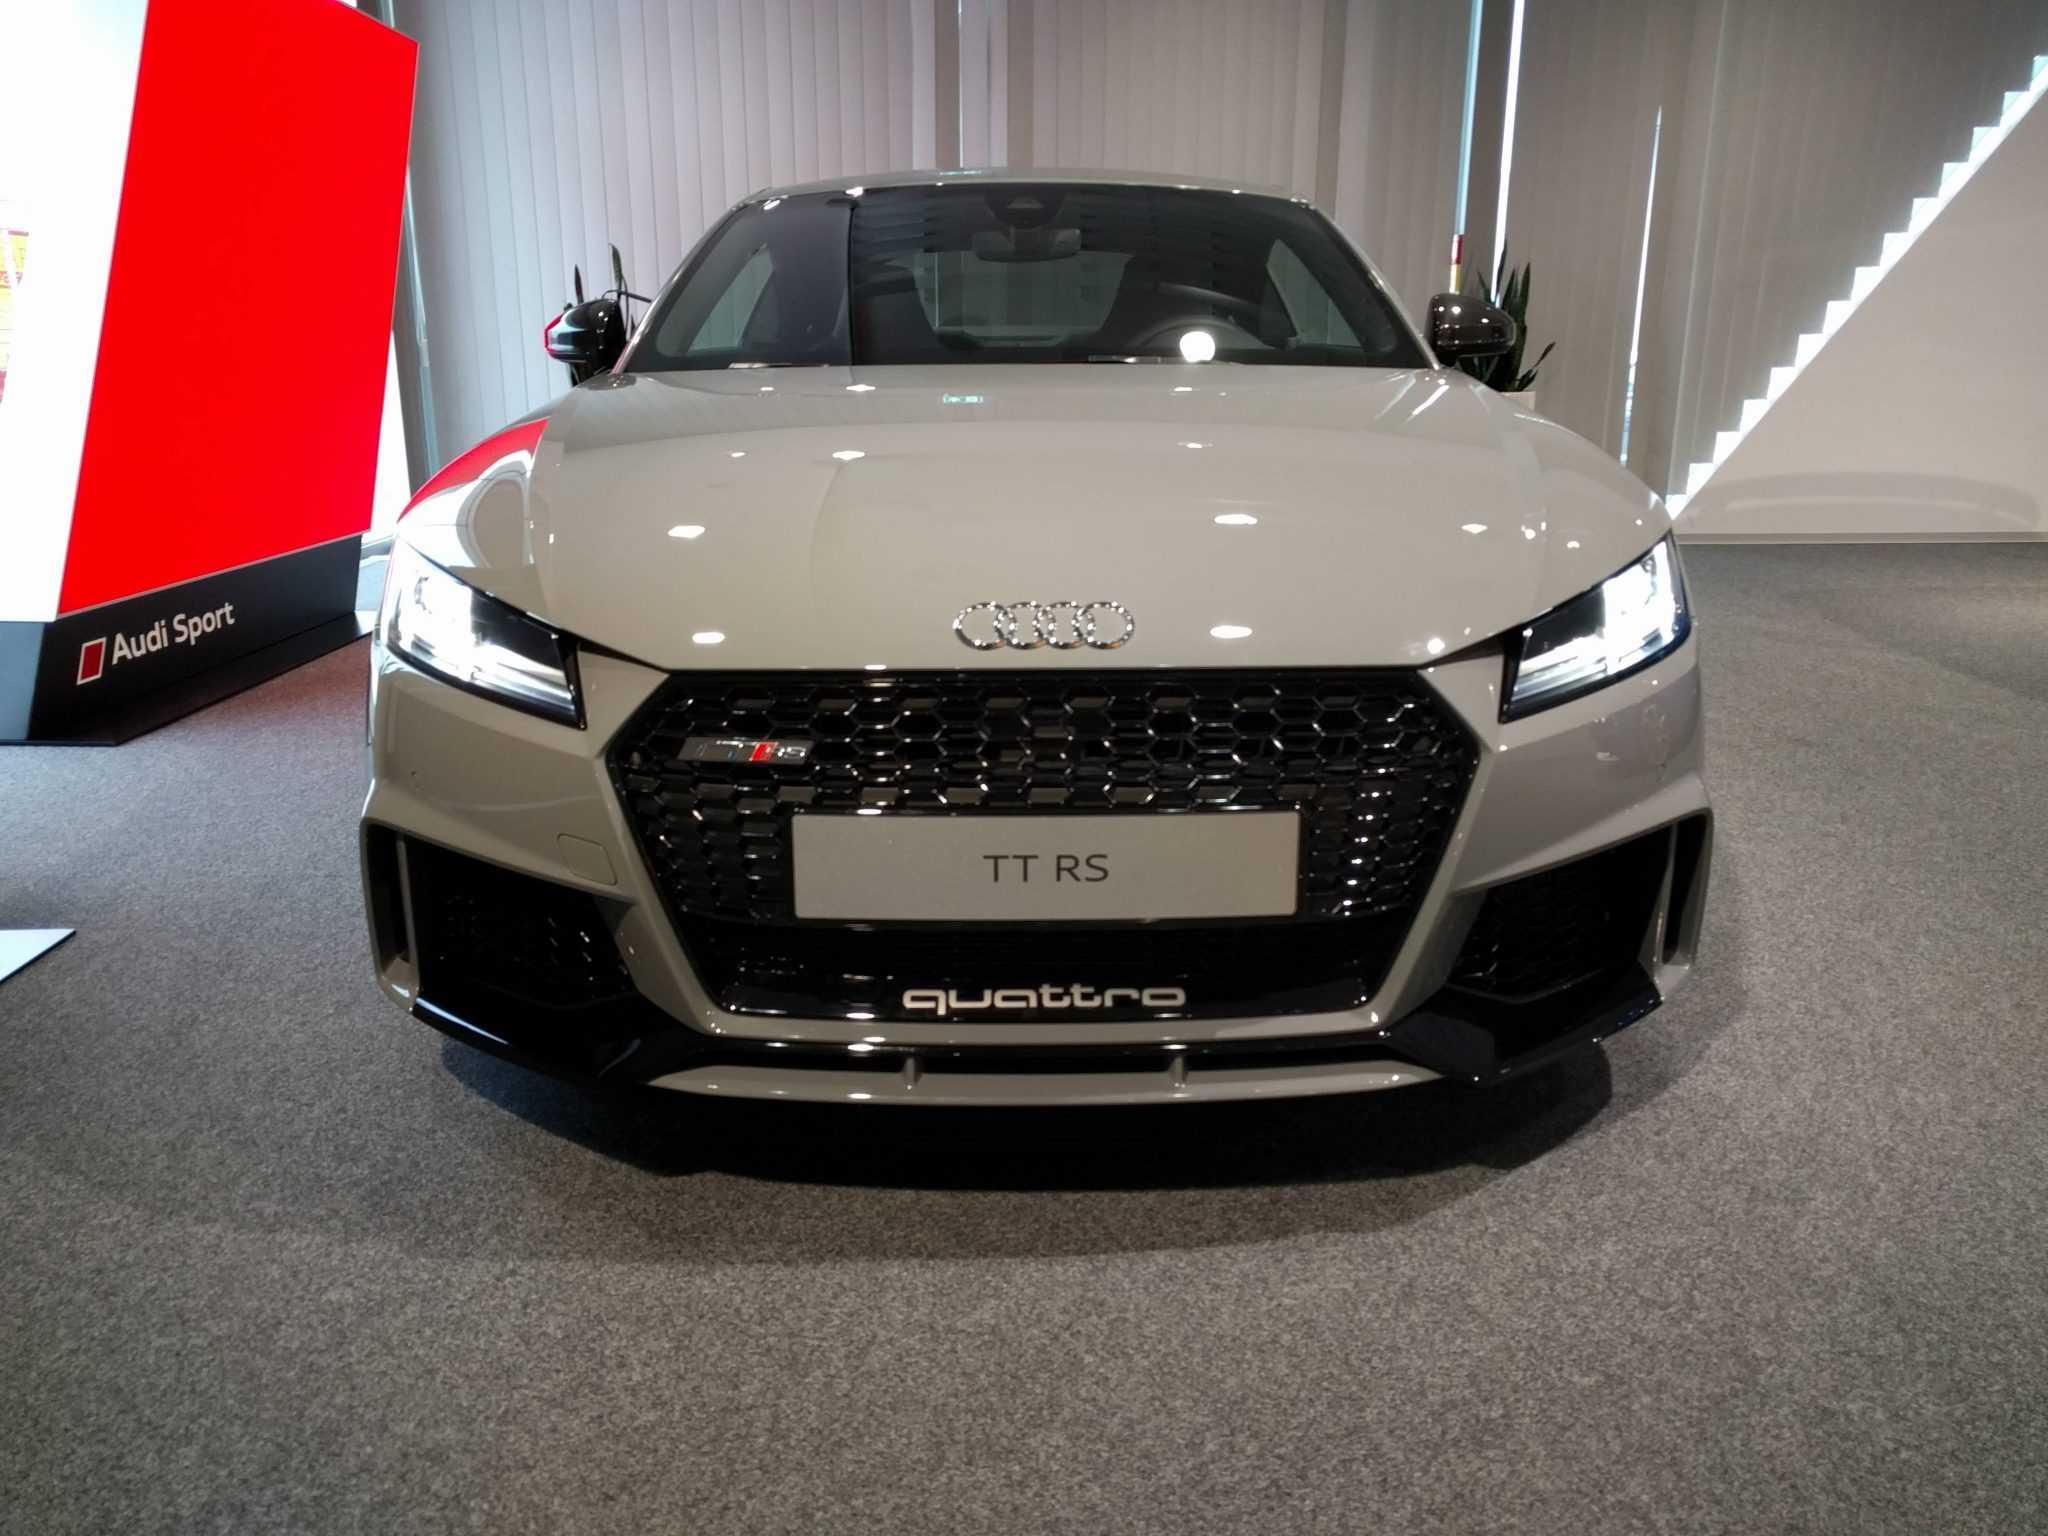 2018 Audi TT-RS Nardo Grey Variant Picture Revealed in Reddit Forum